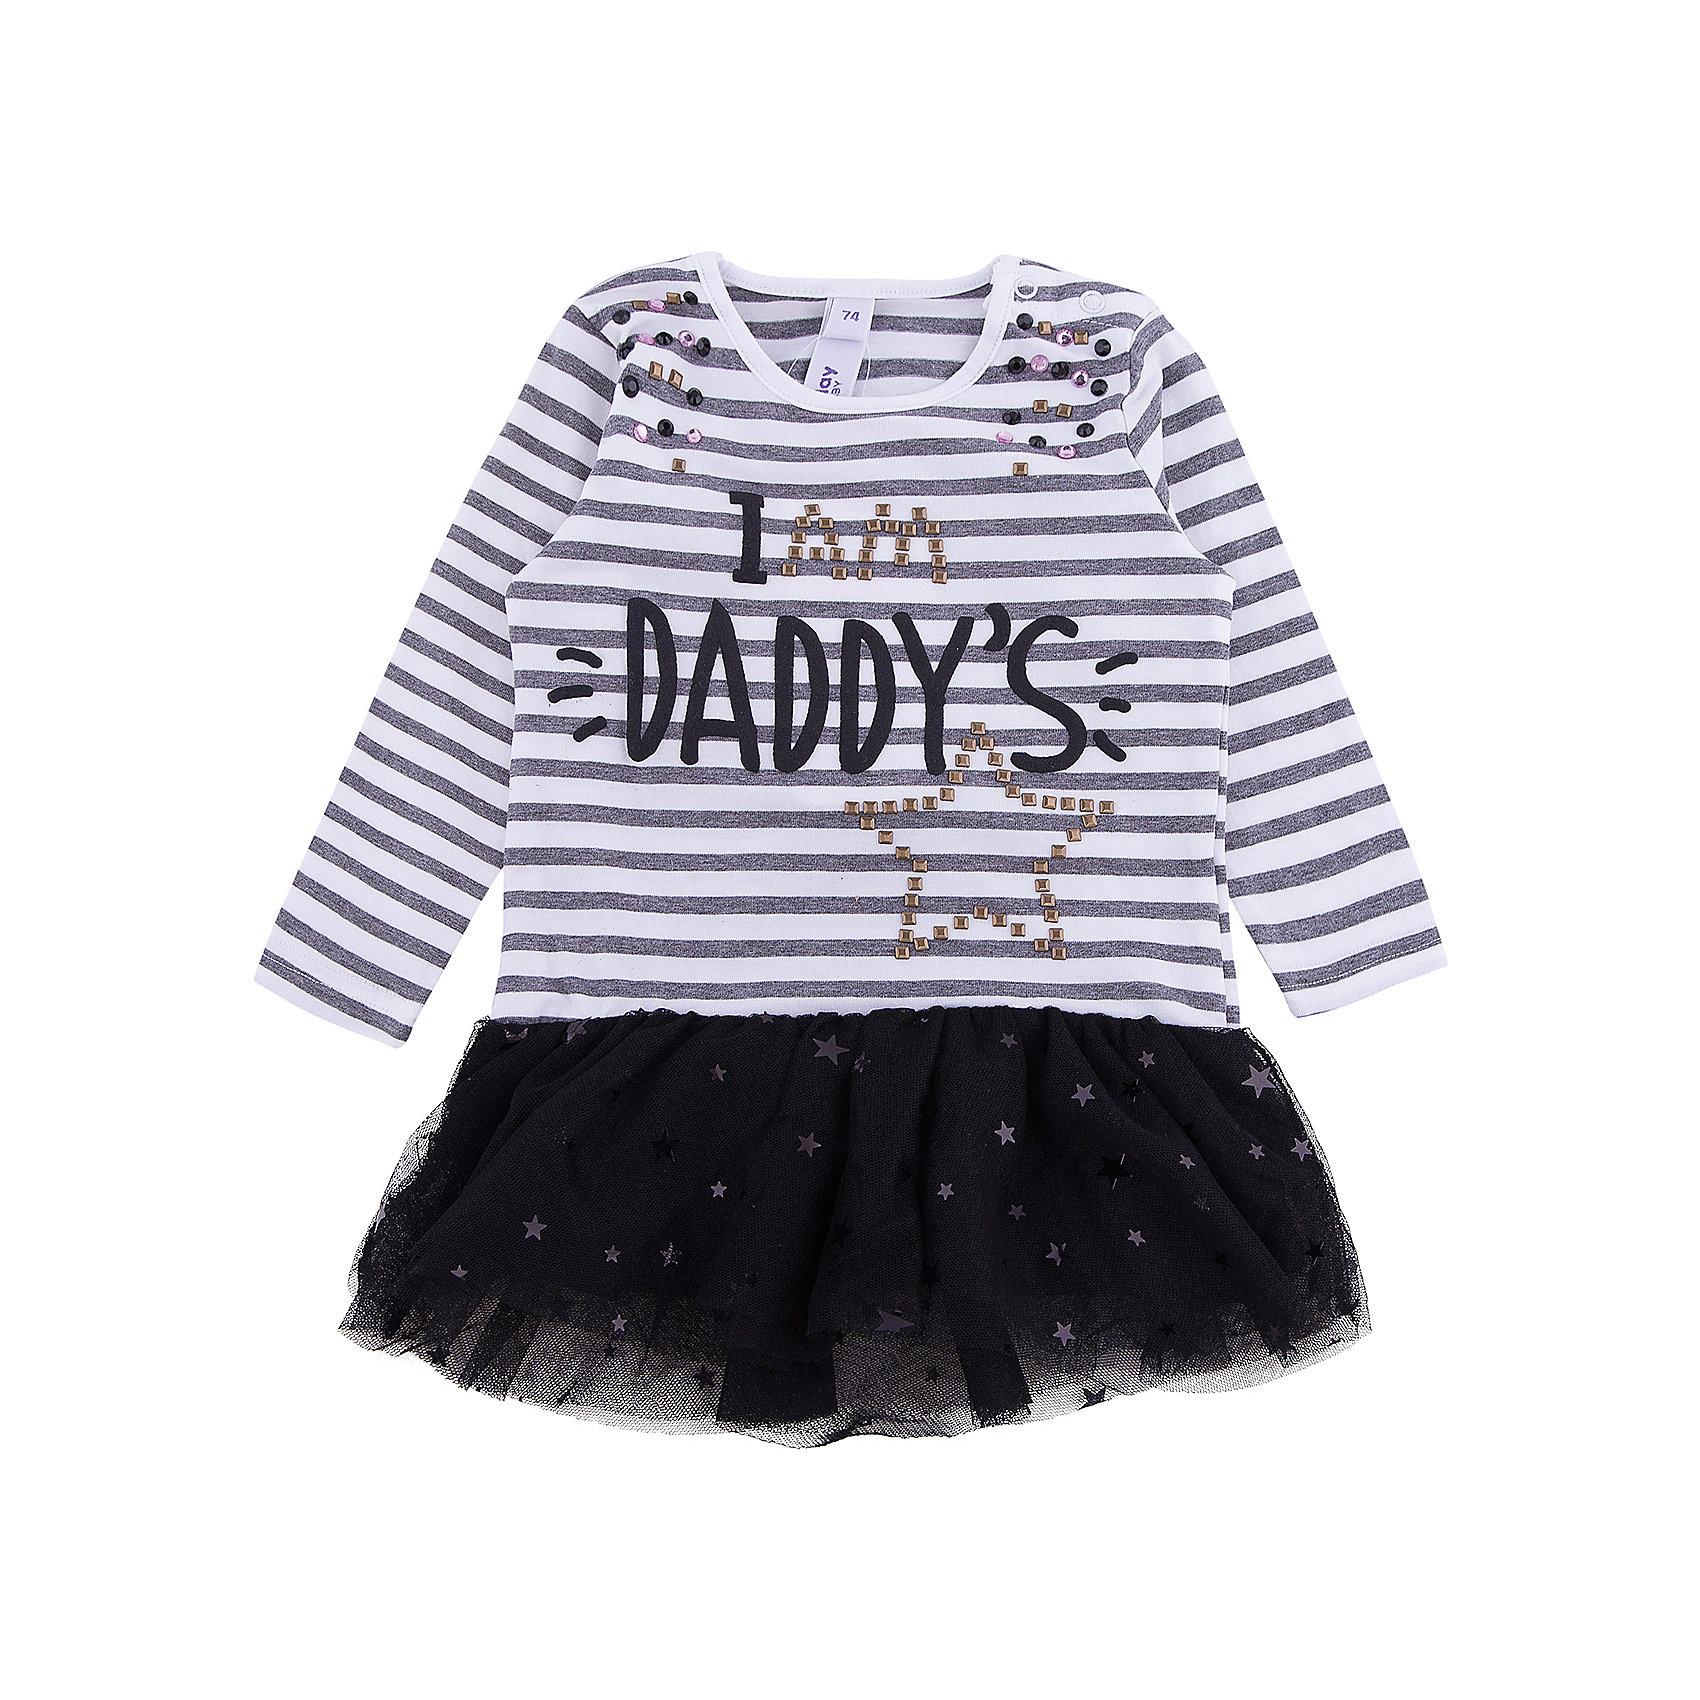 Платье для девочки PlayTodayПлатья<br>Платье для девочки PlayToday<br>Платье, с заниженной талией, с округлом вырезом у горловины понравится Вашей моднице.  Свободный крой не сковывает движений. Приятная на ощупь ткань не раздражает нежную кожу ребенка. Пышая юбка из легкой сетчатой ткани. Модель декорирована стразами, принтом и пайетками. На горловине платье снабжено двумя застежками - кнопками для удобства снимания и одевания.Преимущества: Свободный крой не сковывает движений ребенкаМатериал приятен к телу и не вызывает раздраженийДекорировано стразами, принтом и пайетками<br>Состав:<br>95% хлопок, 5% эластан; отделка 100% полиэстер<br><br>Ширина мм: 236<br>Глубина мм: 16<br>Высота мм: 184<br>Вес г: 177<br>Цвет: разноцветный<br>Возраст от месяцев: 18<br>Возраст до месяцев: 24<br>Пол: Женский<br>Возраст: Детский<br>Размер: 74,80,86,92<br>SKU: 5408139